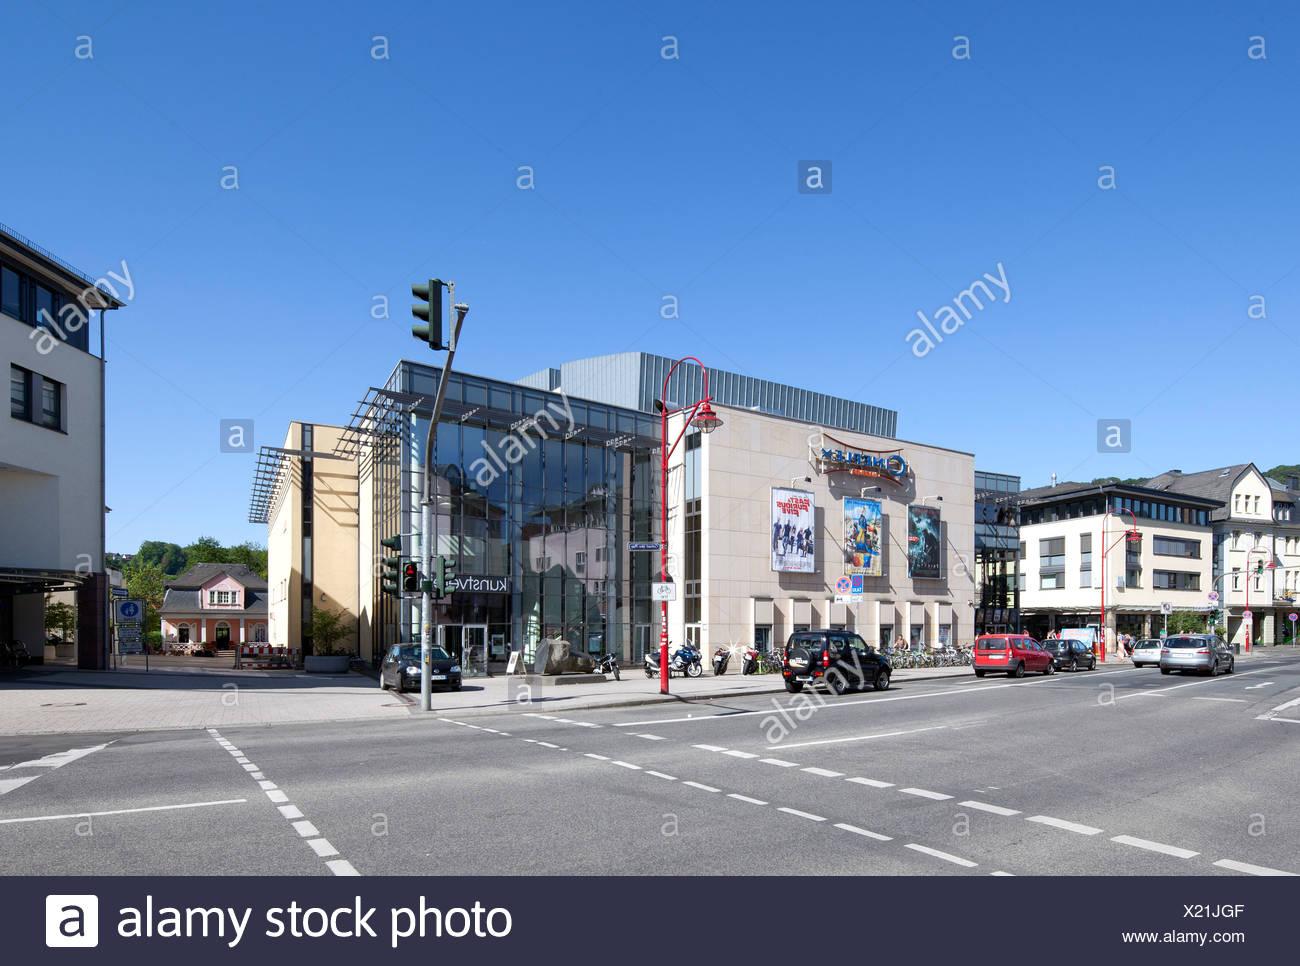 Marburger Kunstverein-Kunstverein, Cineplex Kino, Marburg, Hessen, Deutschland, Europa, PublicGround Stockbild